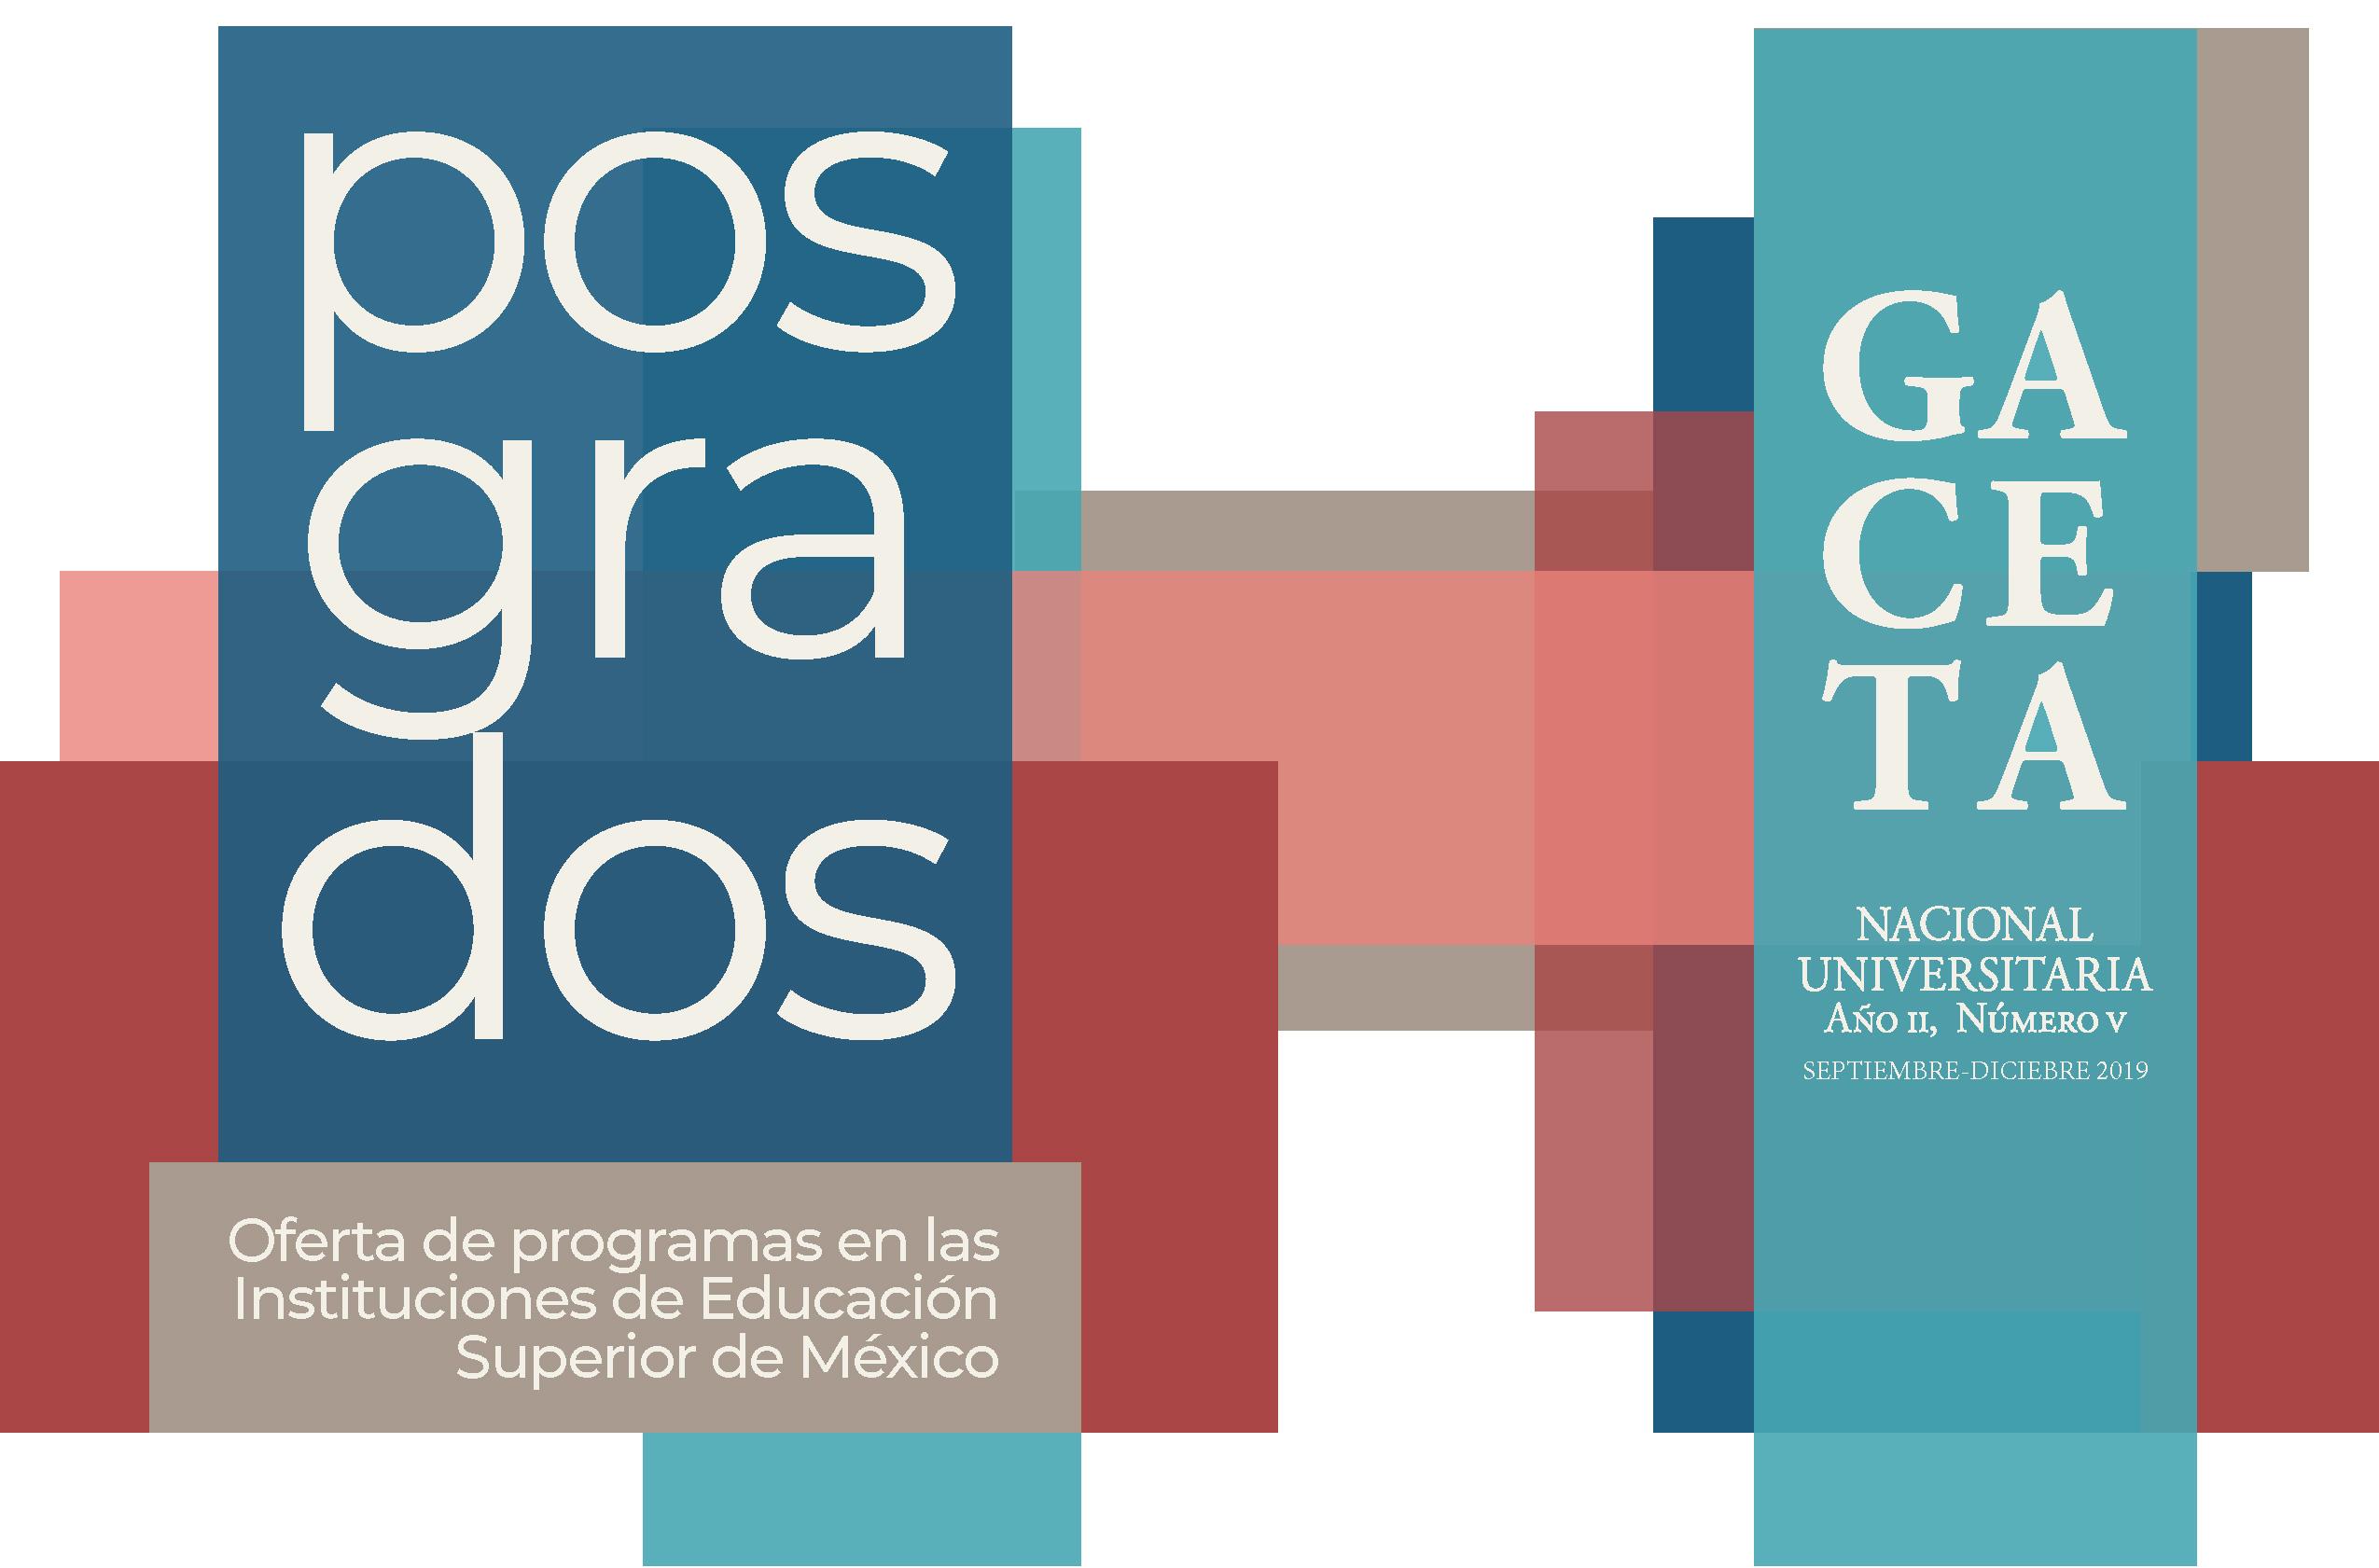 GNU No. 5 Oferta de posgrados en las IES de México